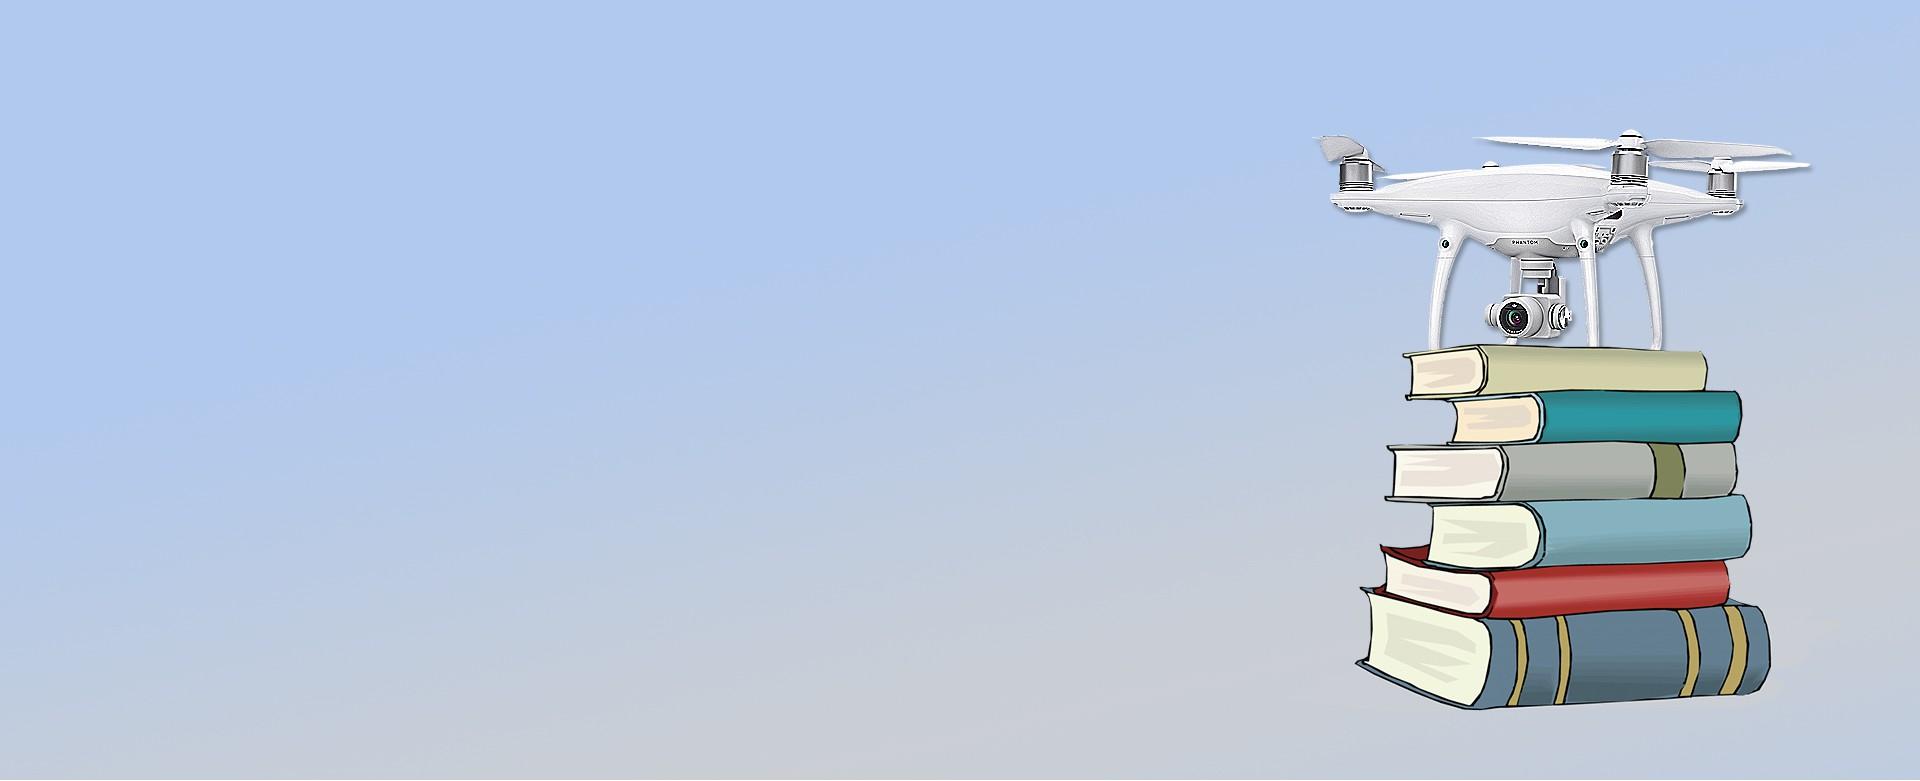 Професионални курсове за пилоти на дронове AeroCam.bg